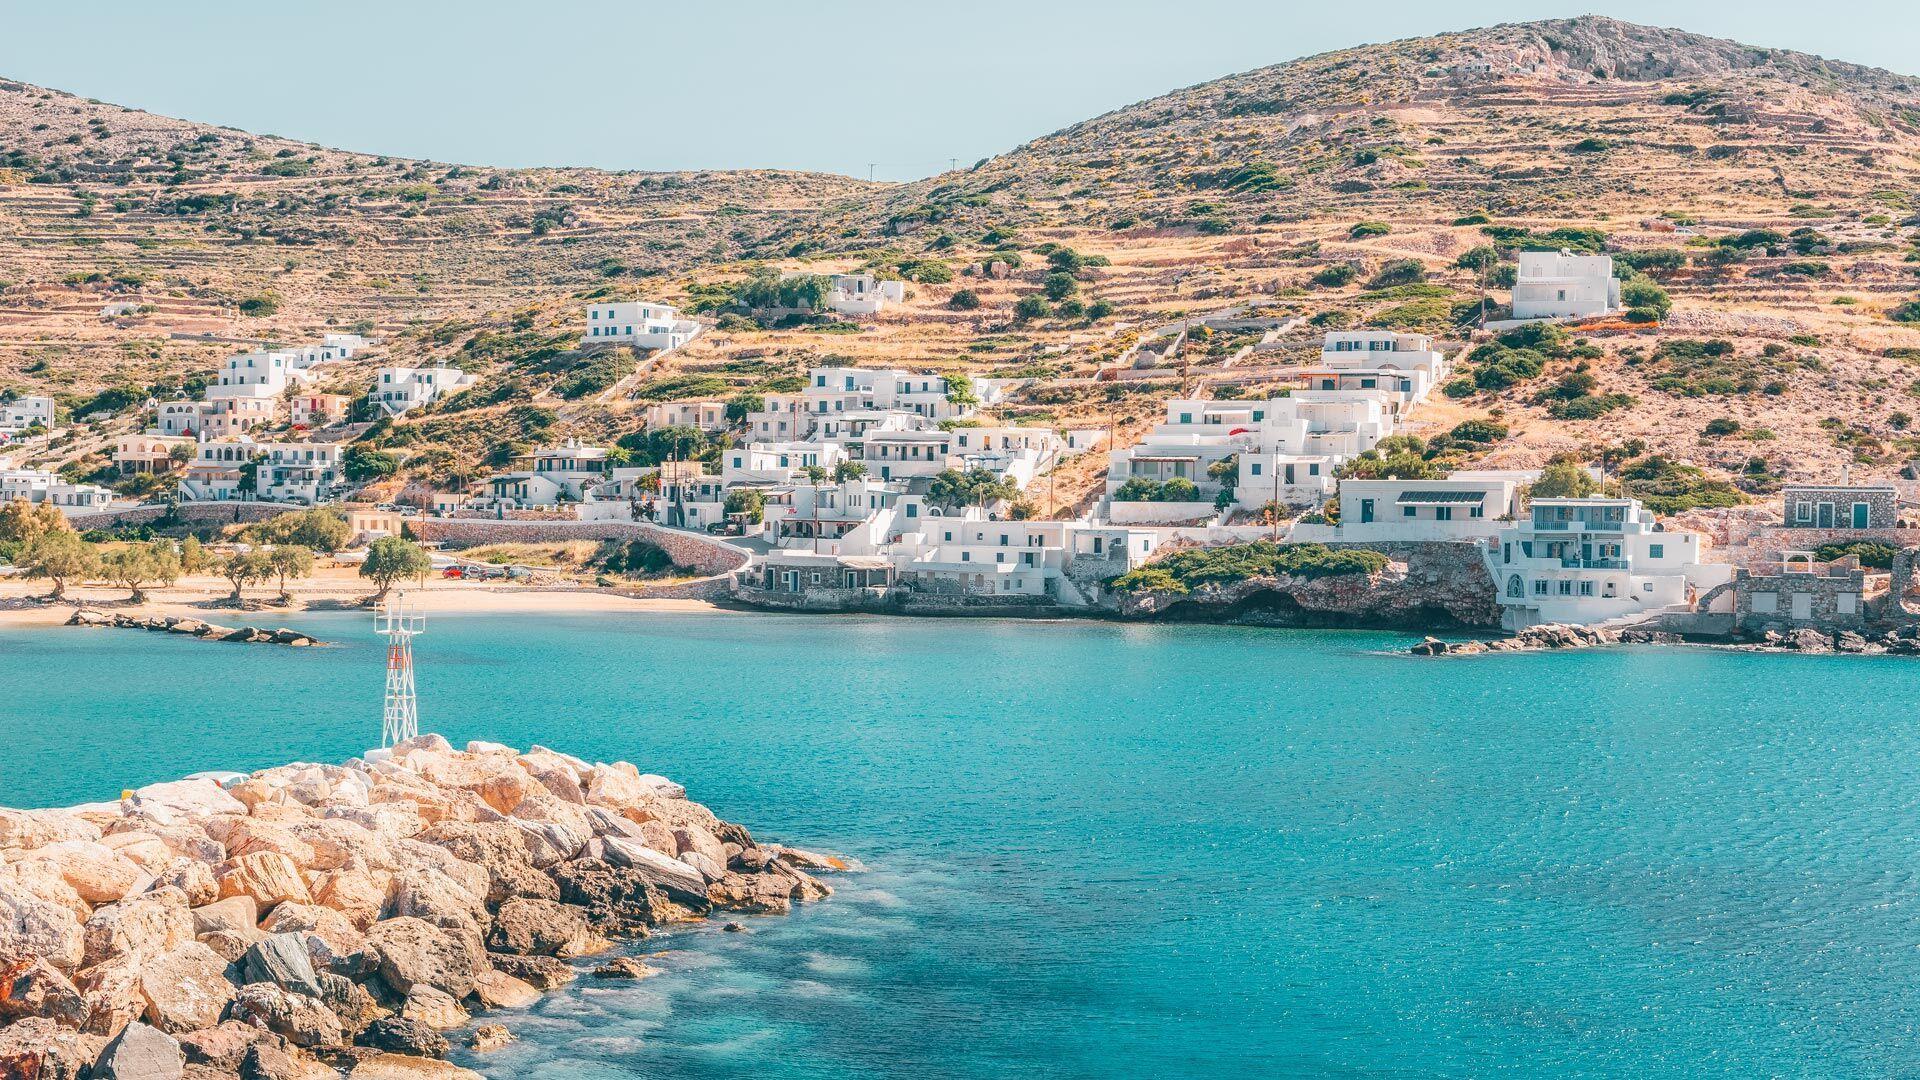 Σίκινος | Διακοπές στη Κυκλάδες | Discover Greece